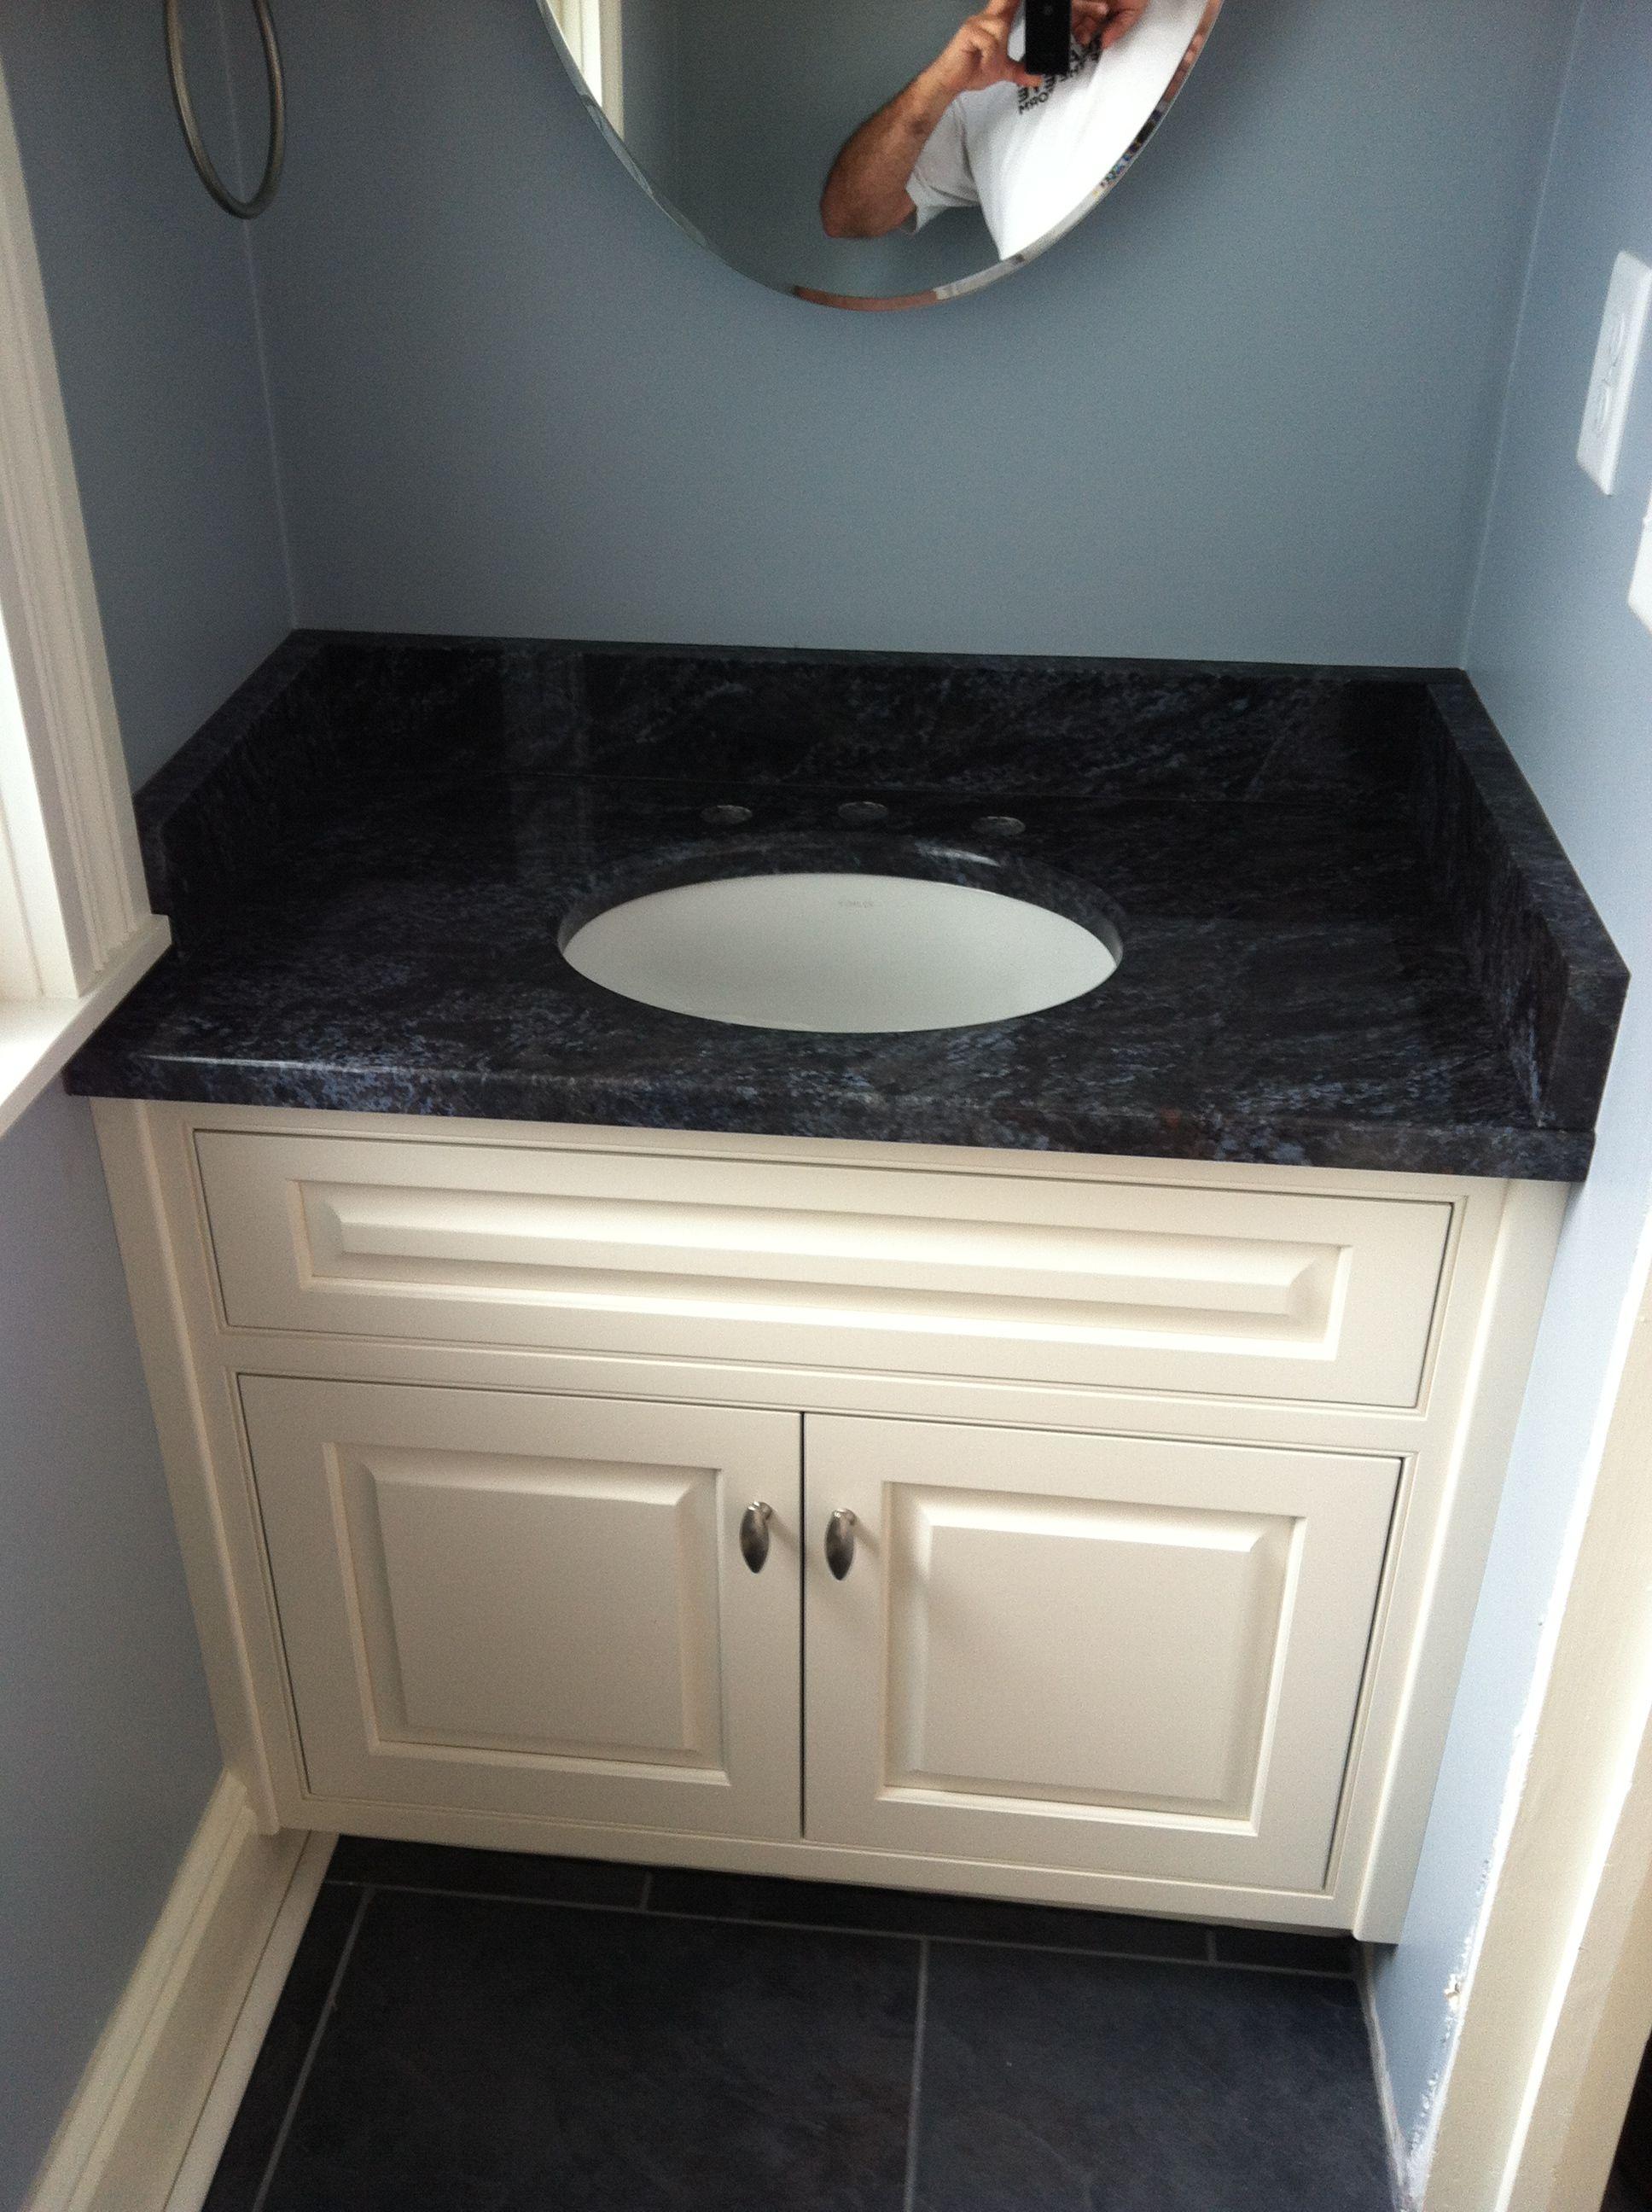 Granite Install By Vangura Pittsburgh Vangura Granite